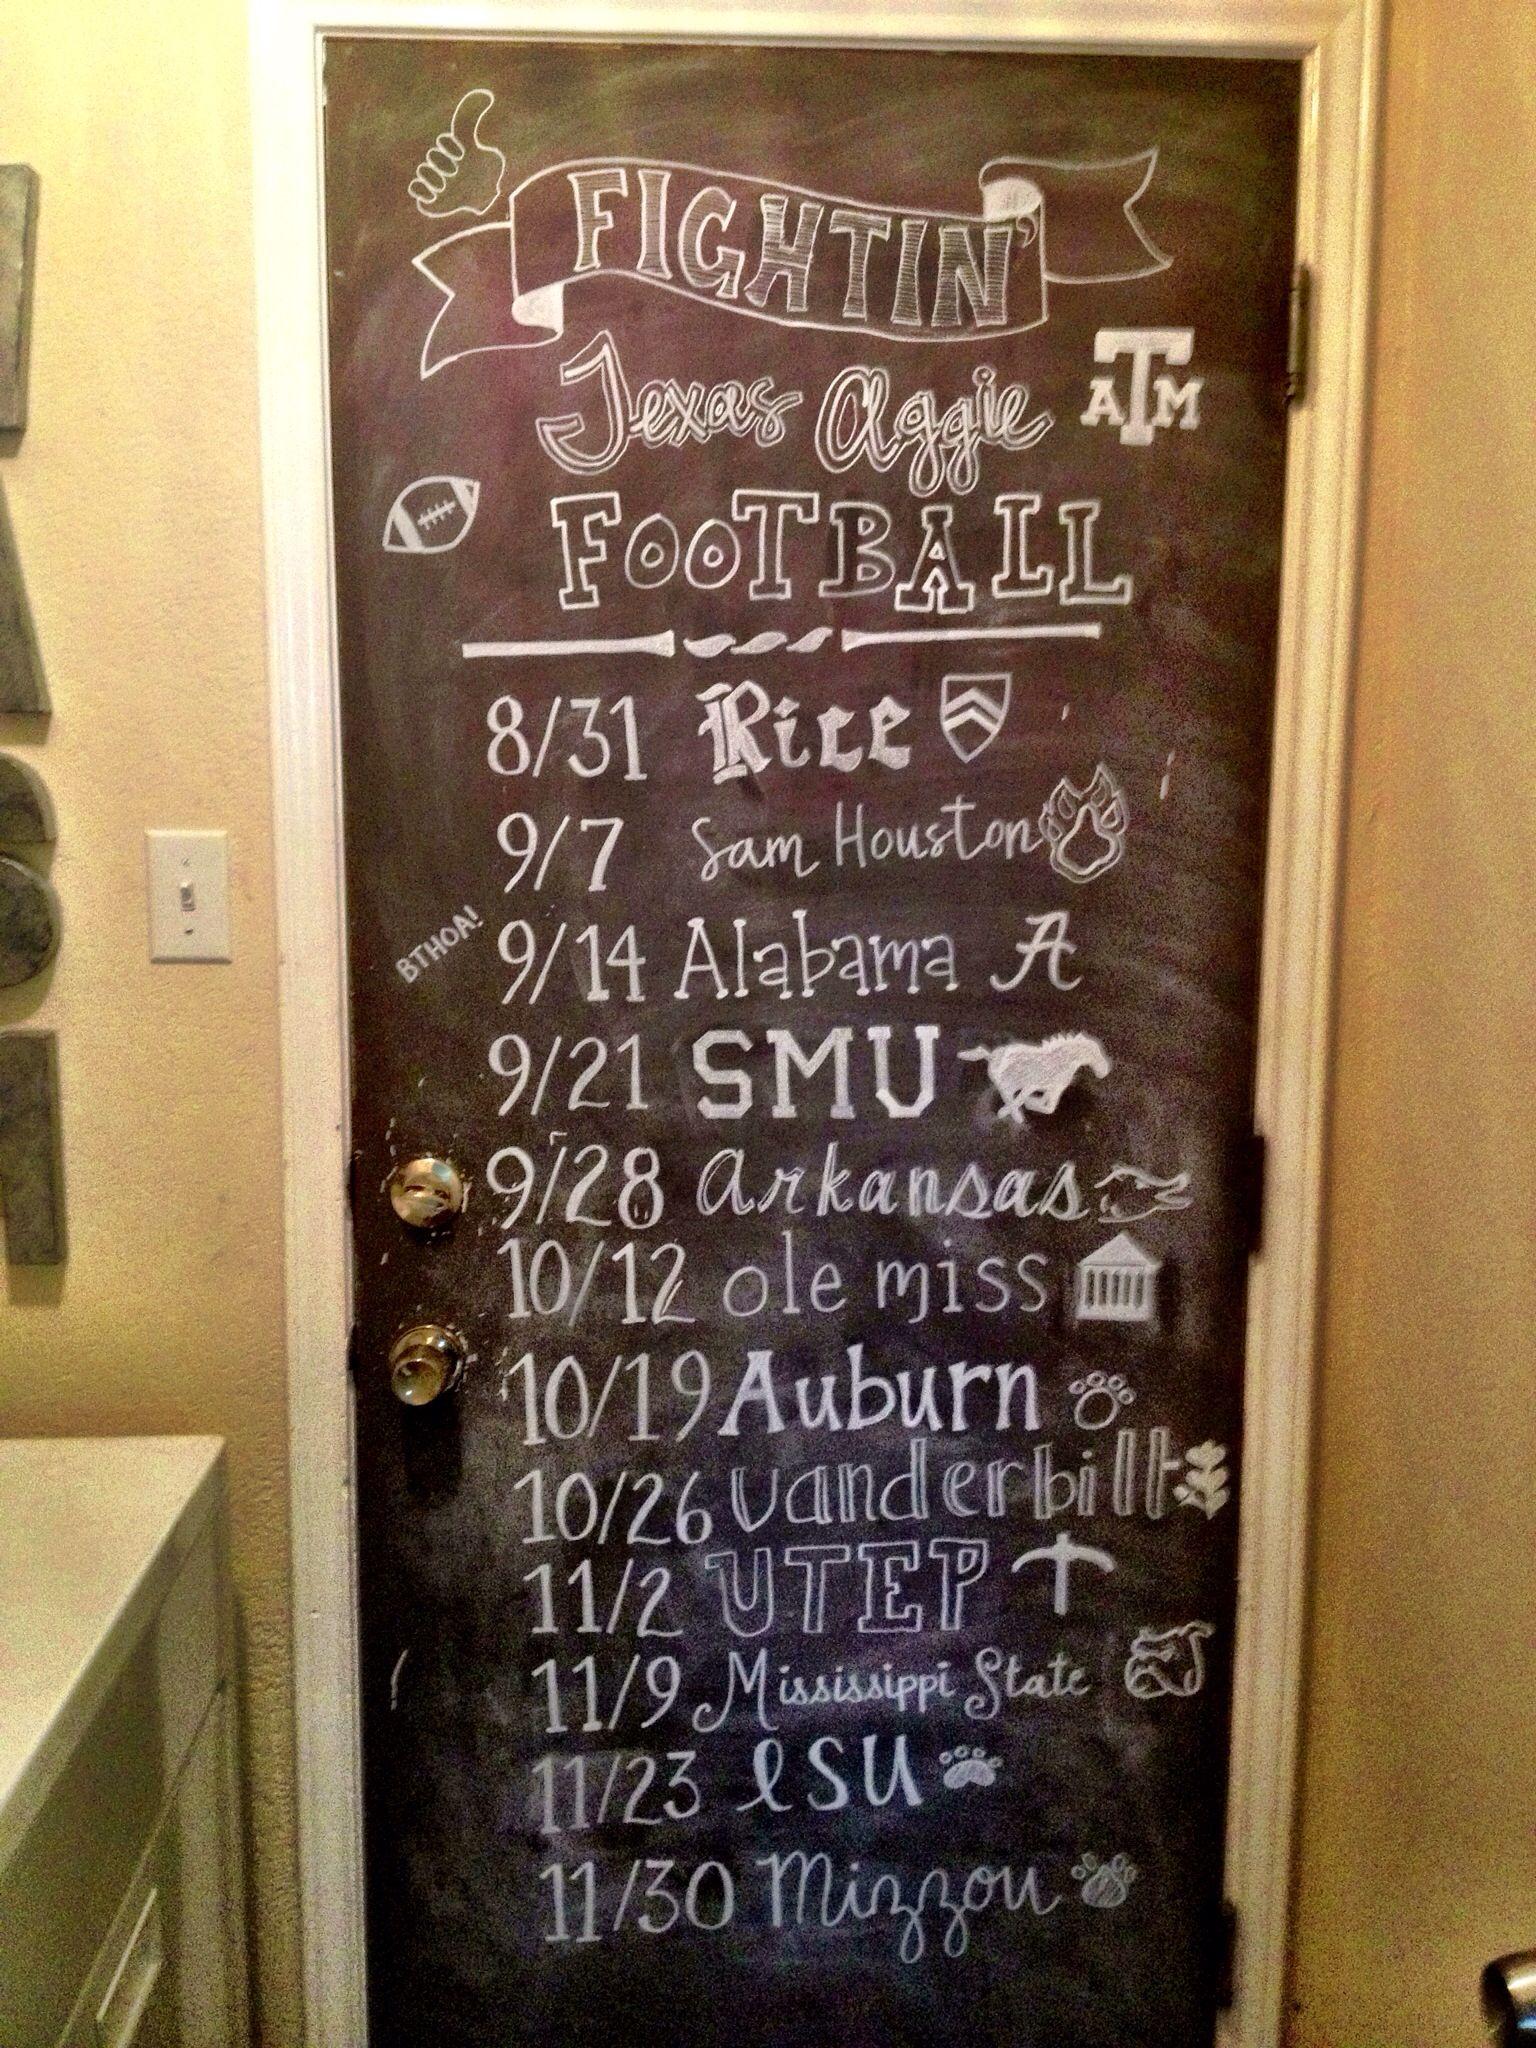 Aggie Football Schedule Chalkboard Art Aggie Football Chalkboard